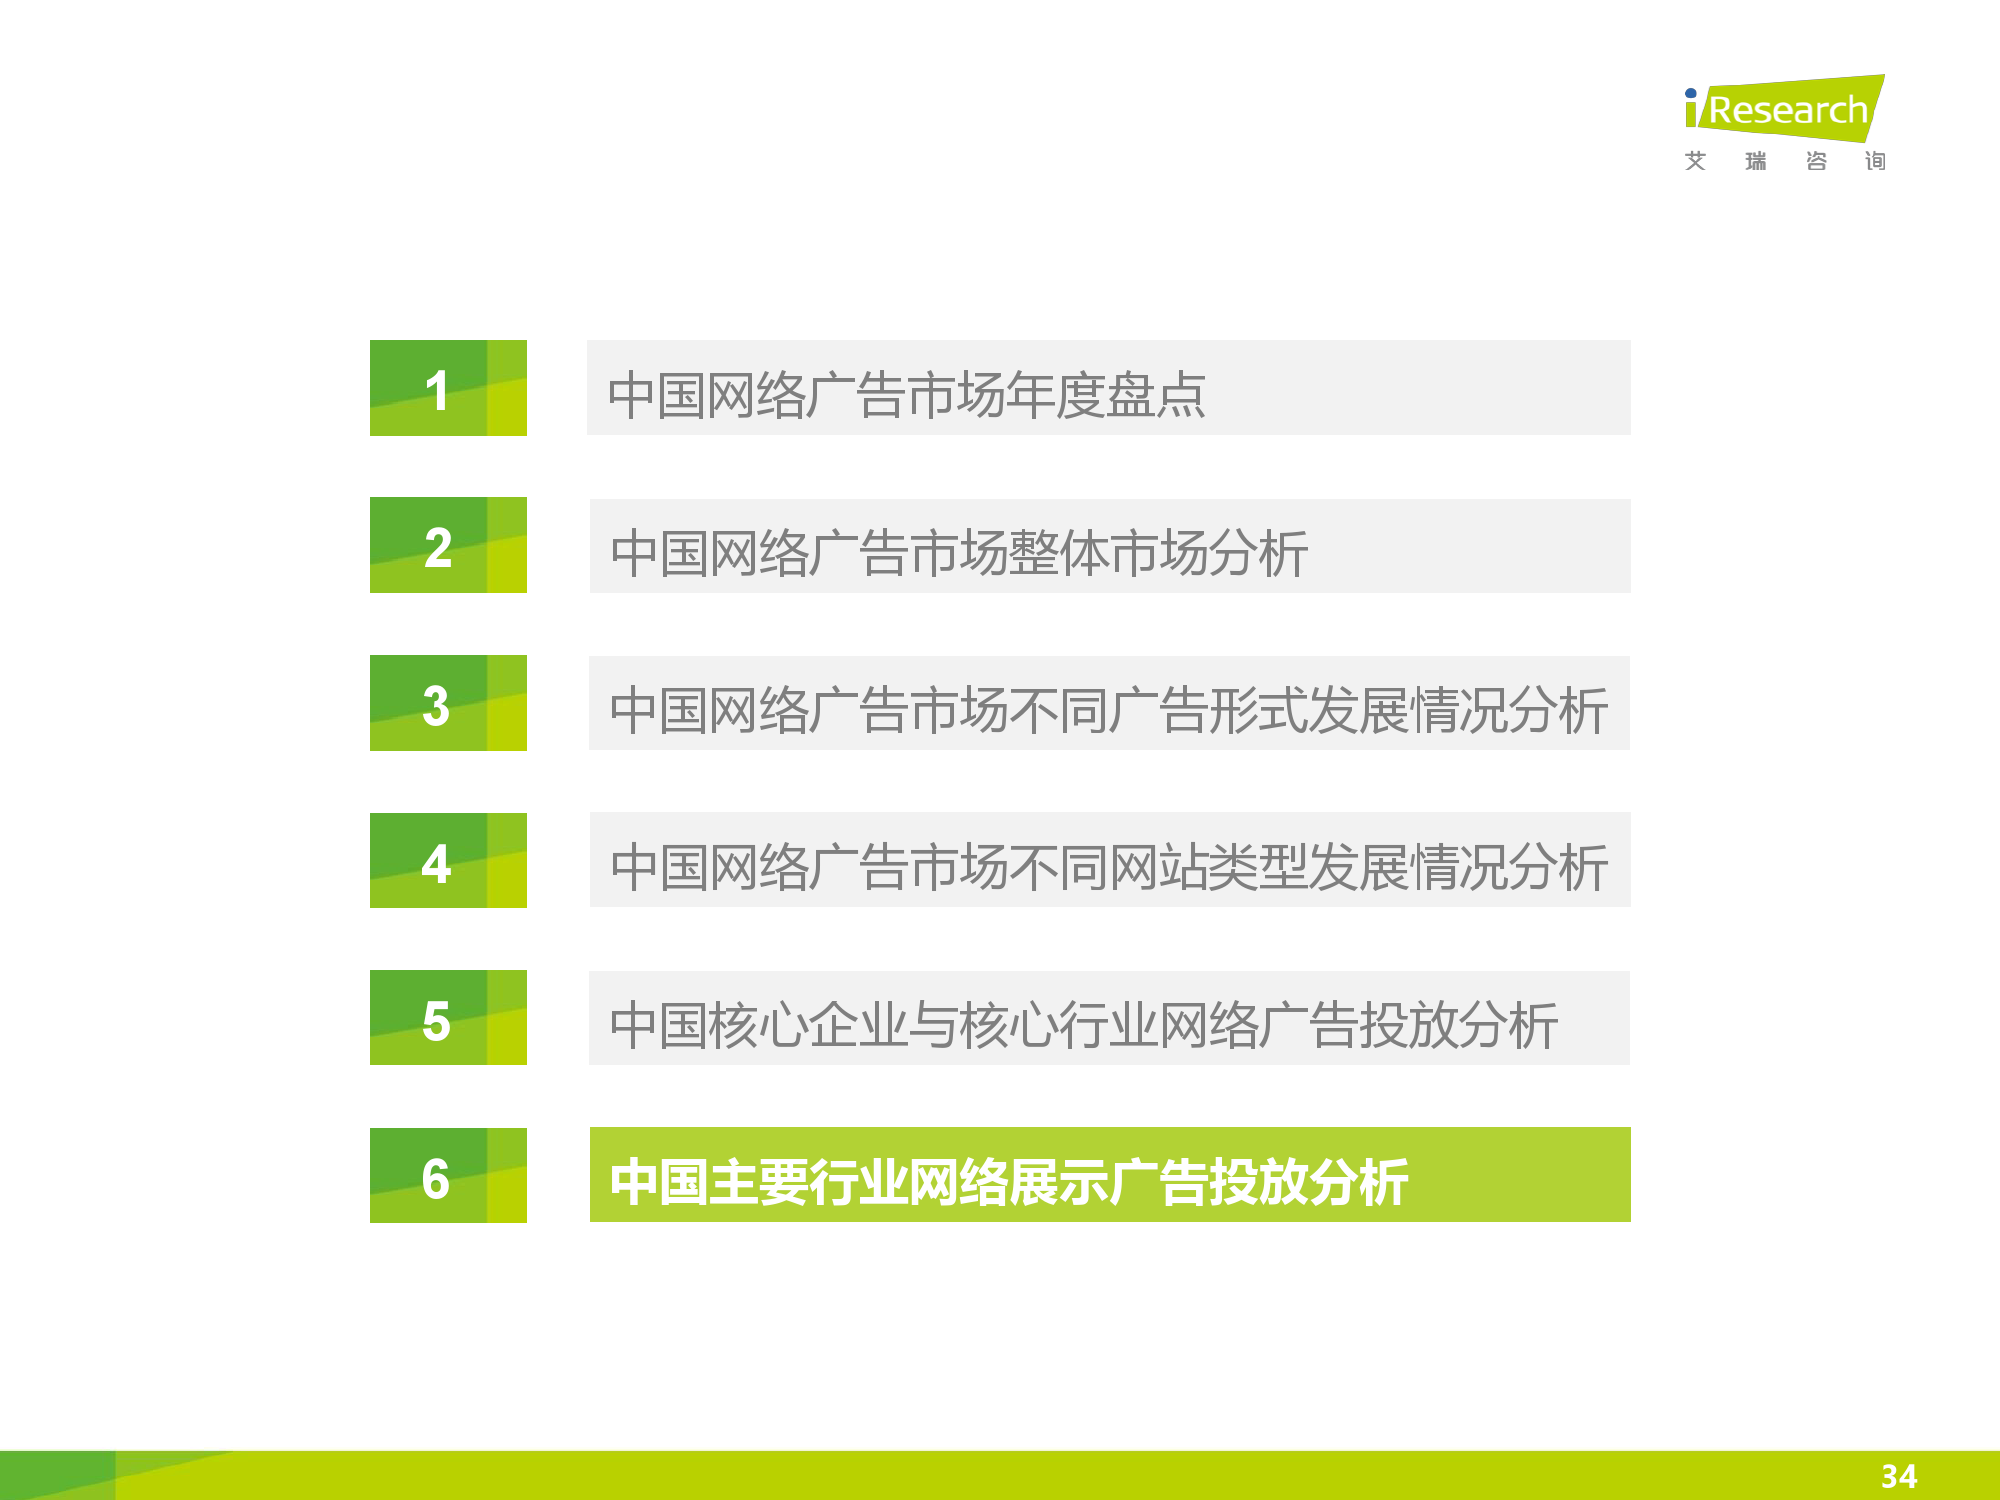 2016年中国网络广告行业年度监测报告简版_000034